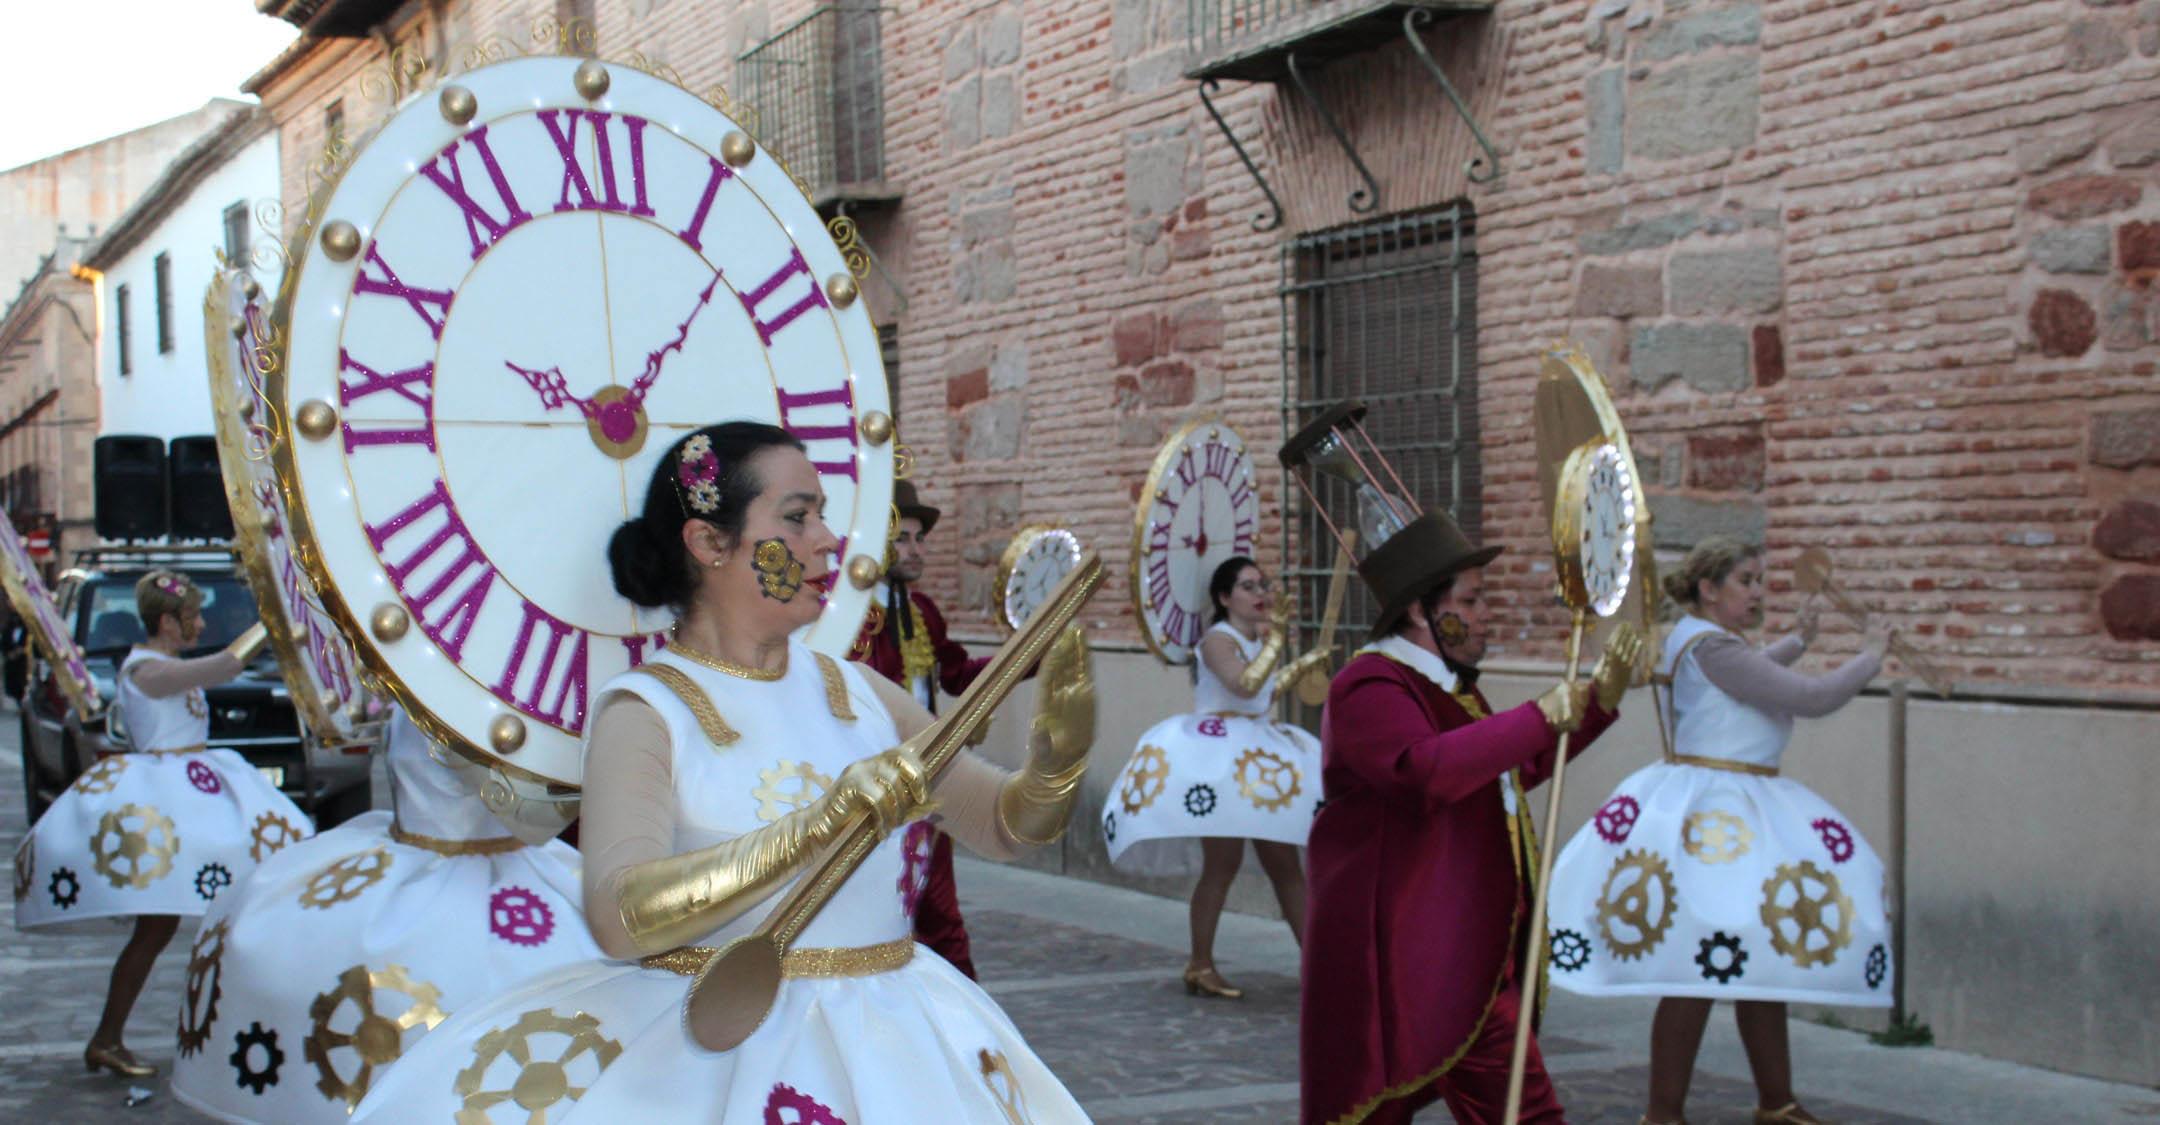 Abiertas las inscripciones para los Desfiles-Concursos de Carnaval